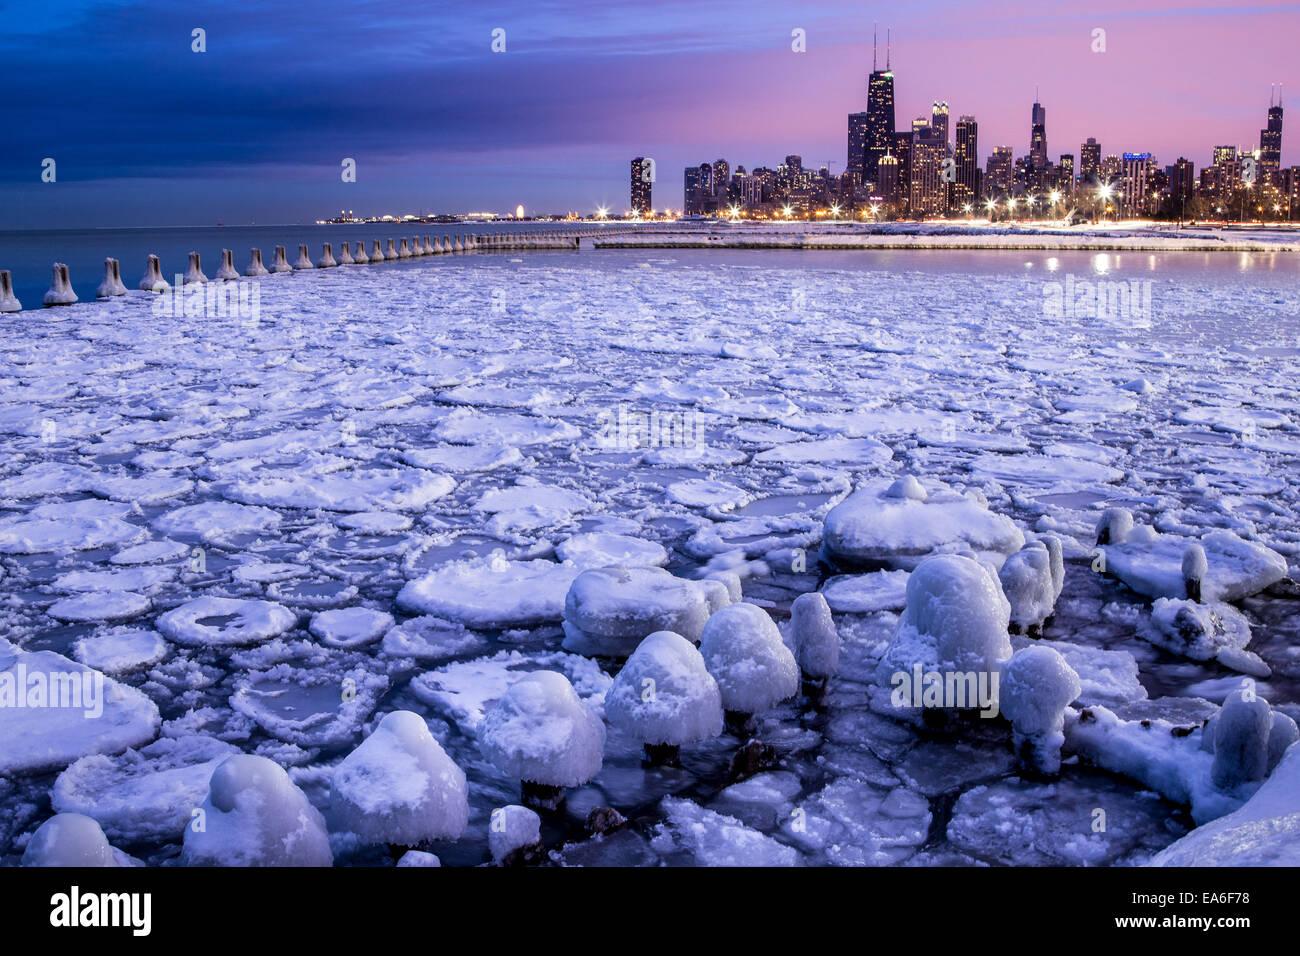 Estados Unidos, Illinois, Chicago skyline iluminado, visto a través del puerto de hielo Imagen De Stock